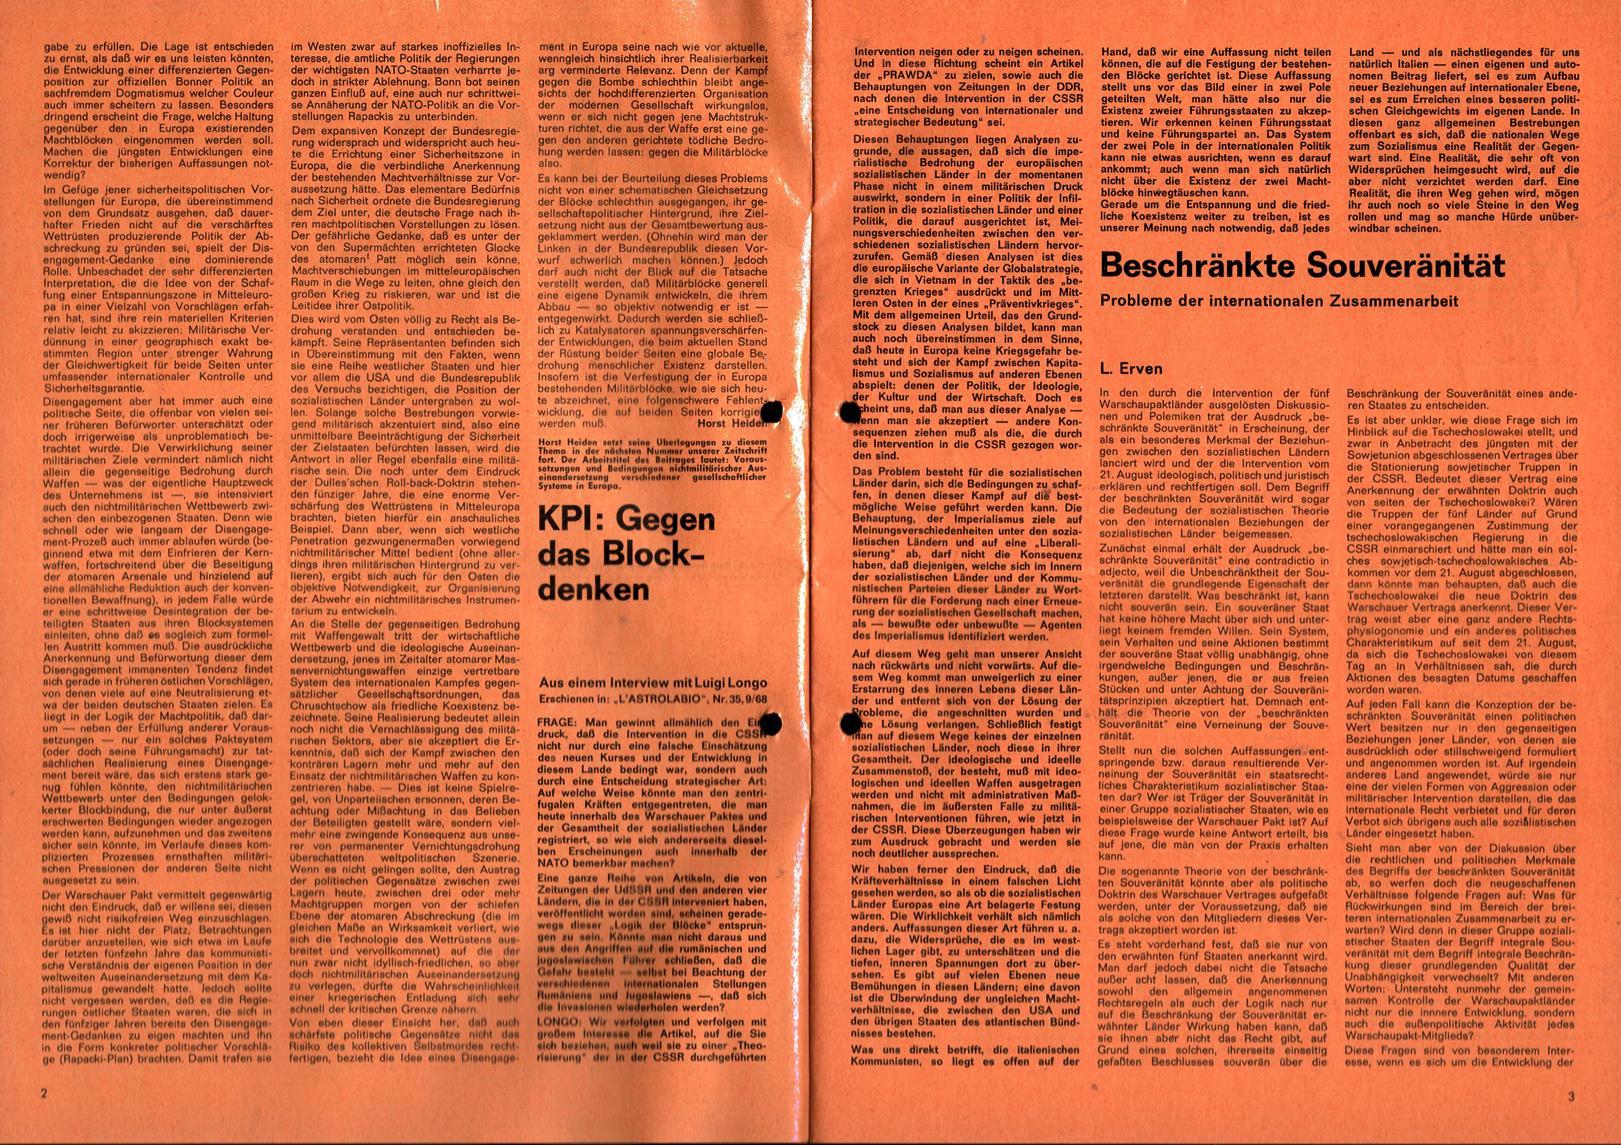 Infos_zur_Abruestung_1968_064_065_002